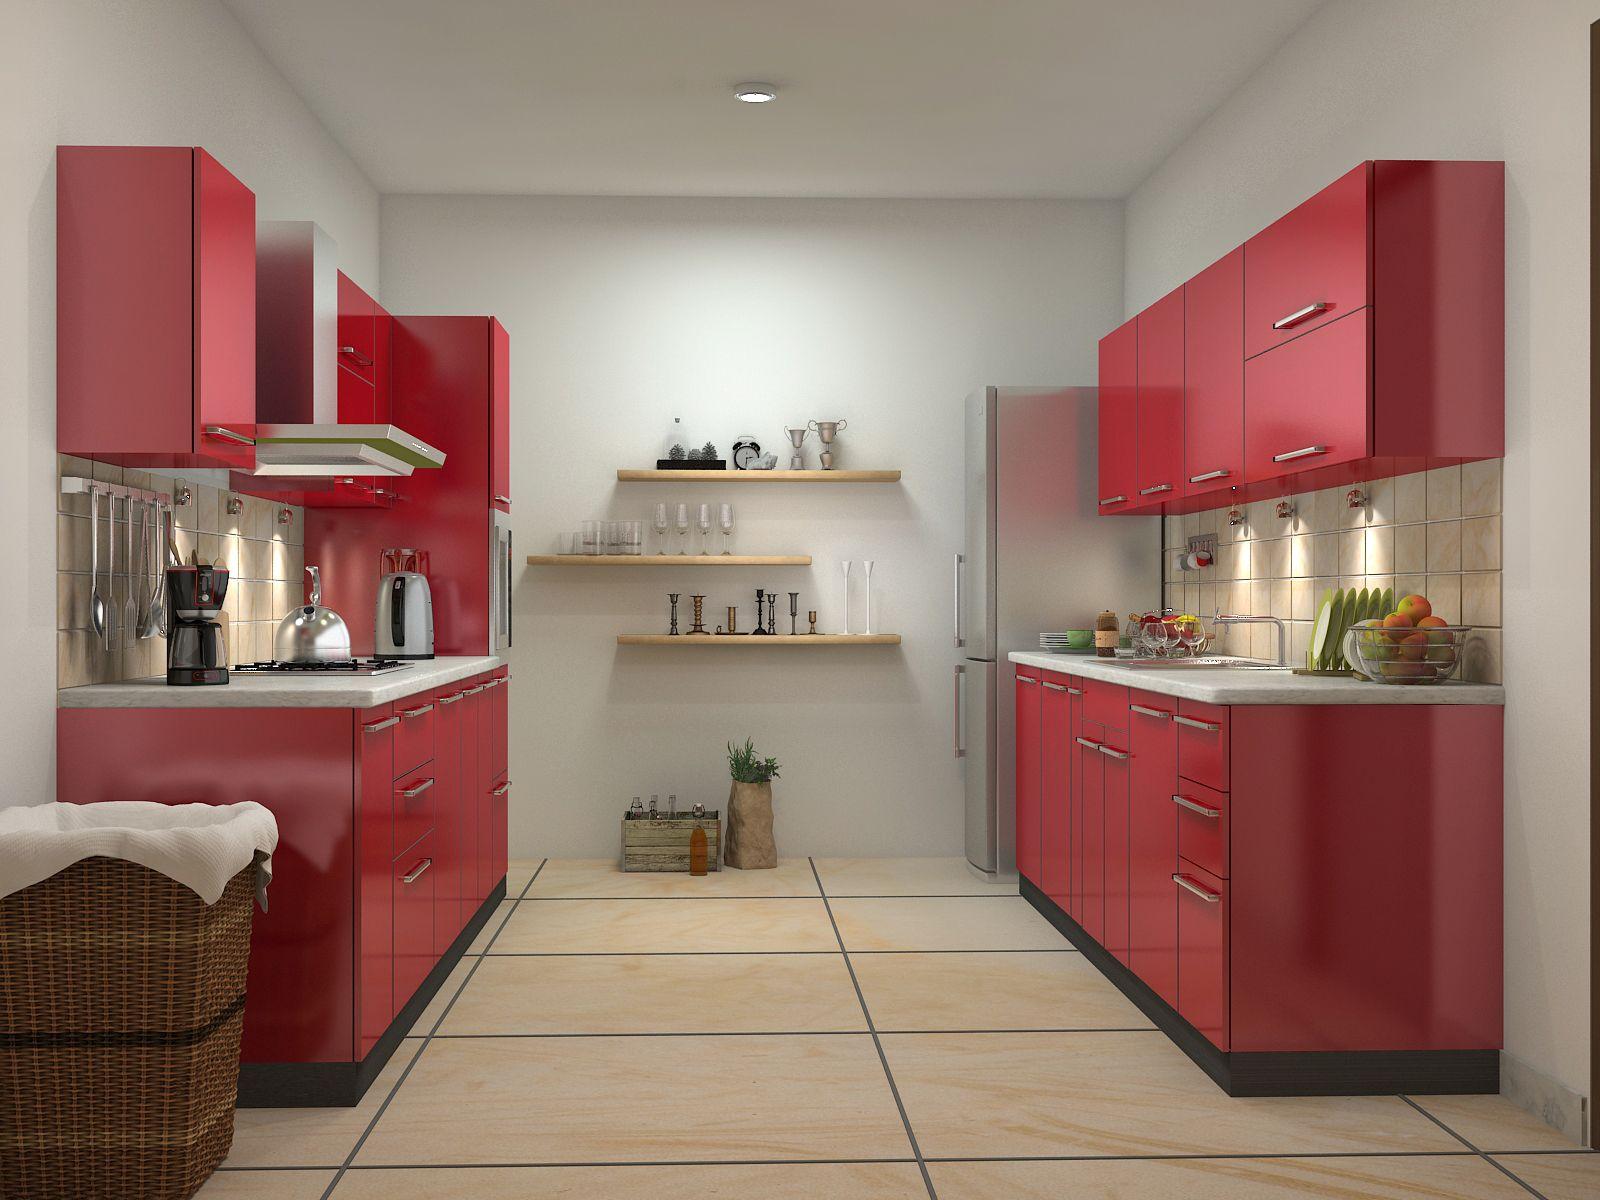 red kitchen design ideas kitchen interior parallel kitchen design kitchen design on kitchen interior parallel id=70618